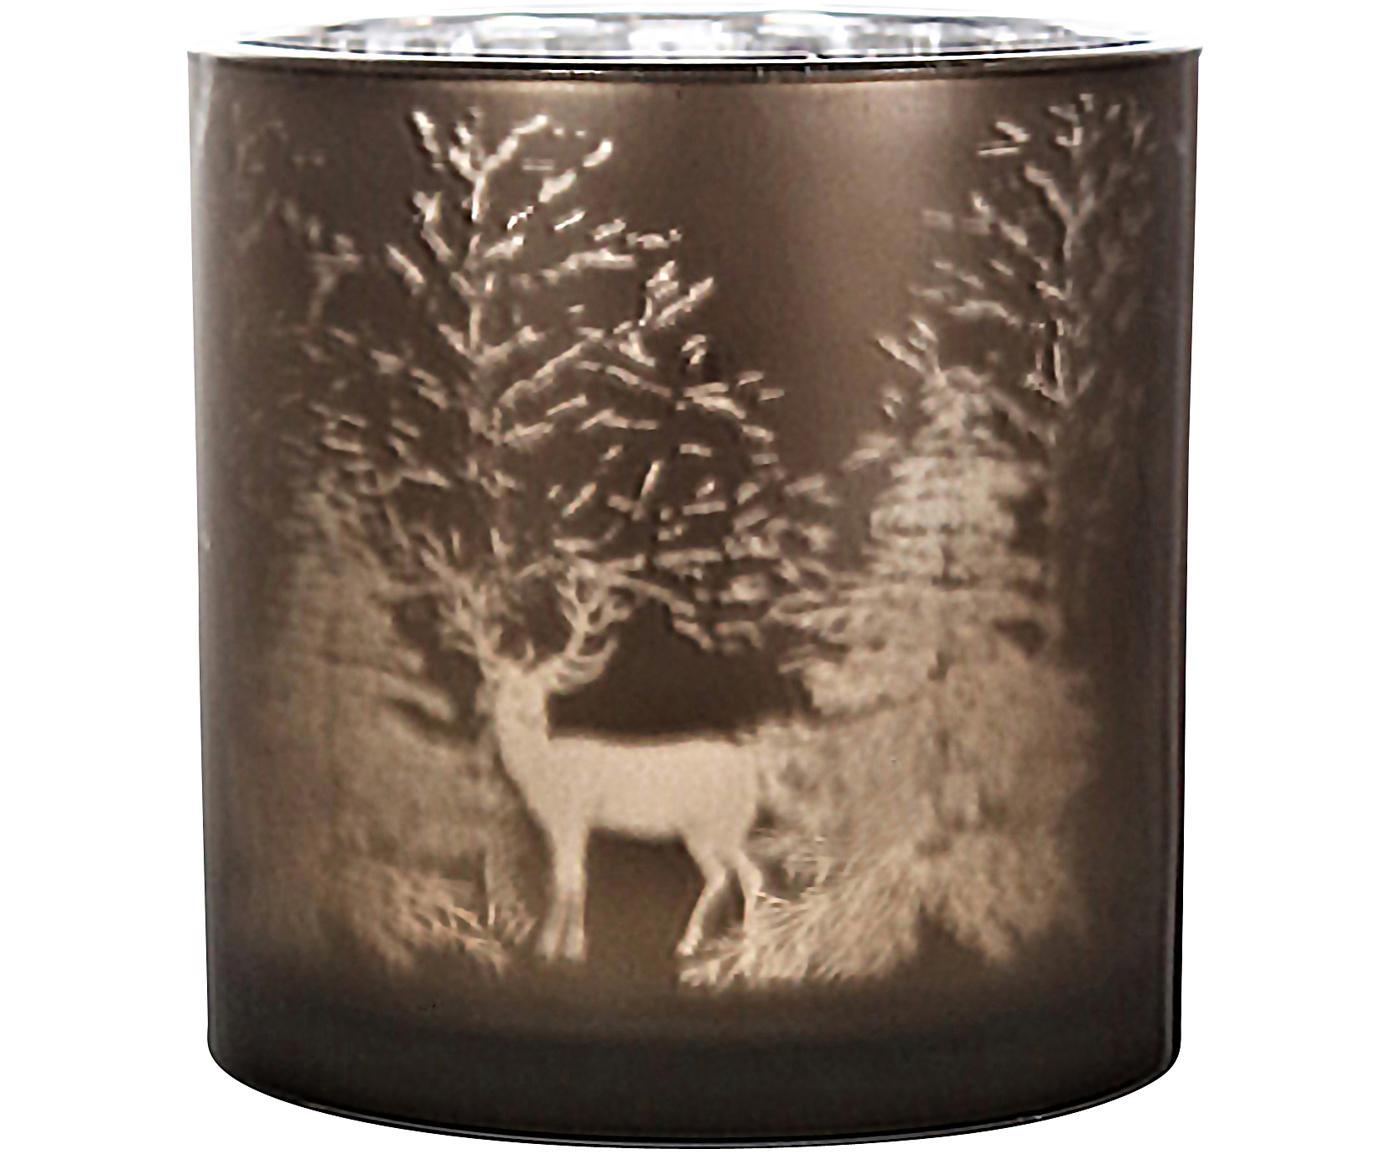 Windlicht Magic, Glas, Braun, Silberfarben, Ø 15 x H 15 cm